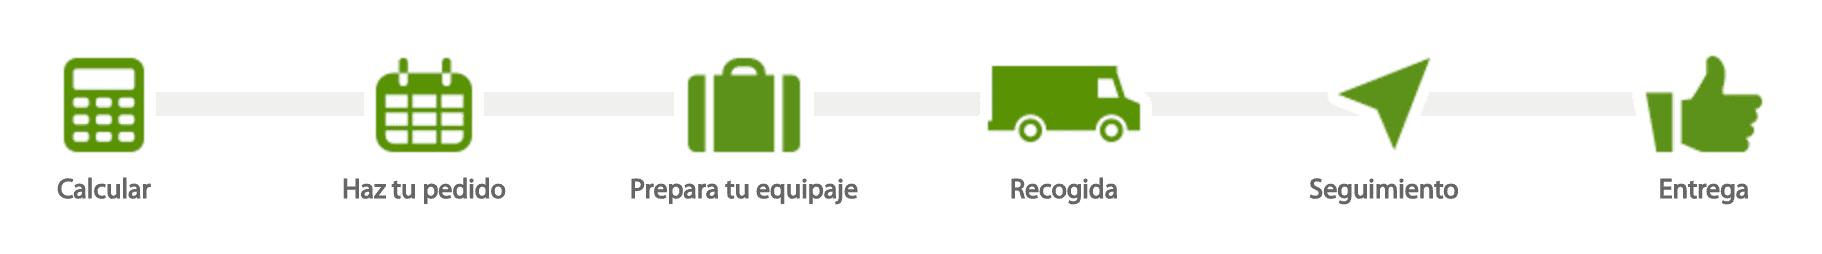 Cómo funciona SinMaletas enviar por correo transporte el equipaje